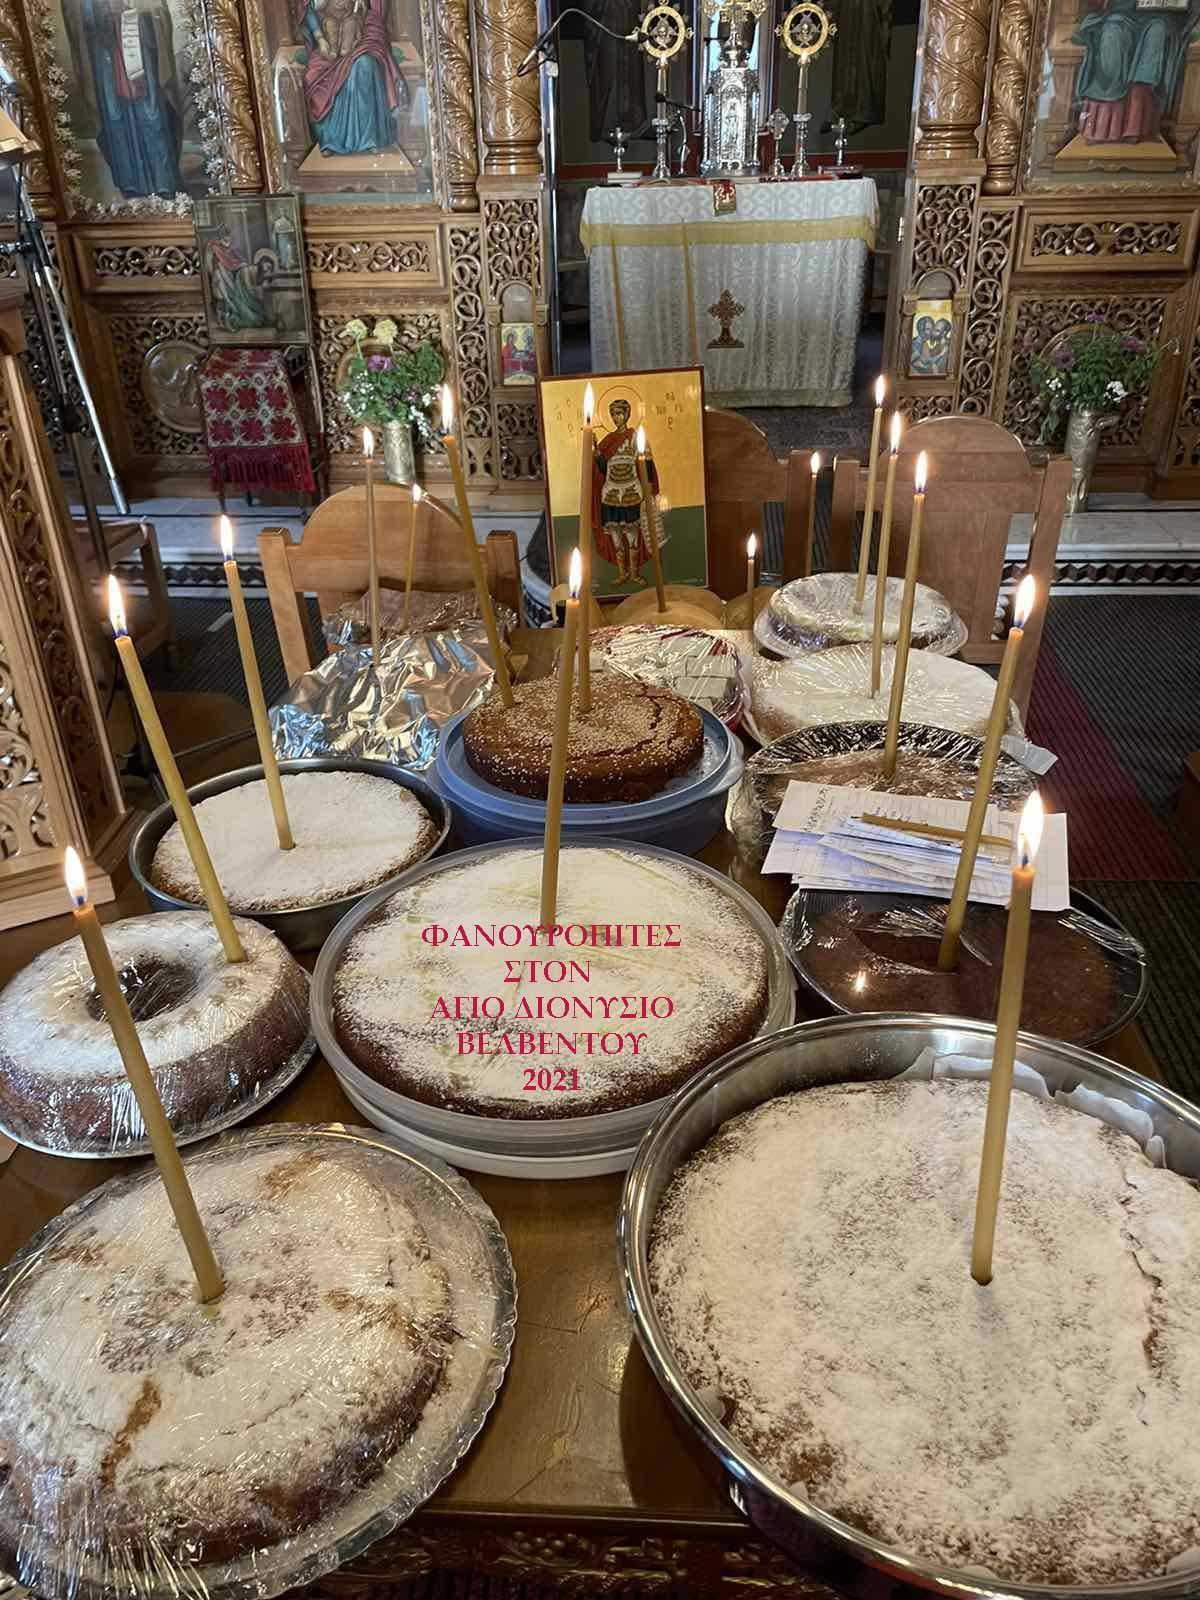 Με φανουρόπιτες η γιορτή του Αγίου μάρτυρος Φανουρίου του νεοφανούς, στις Ενορίες της Α.Π.Β. της Ιεράς Μητροπόλεως Σερβίων και Κοζάνης. ΣΥΝΗΘΗ ΑΙΤΗΜΑΤΑ ΣΤΟΝ ΑΓΙΟ. του παπαδάσκαλου Κωνσταντίνου Ι. Κώστα